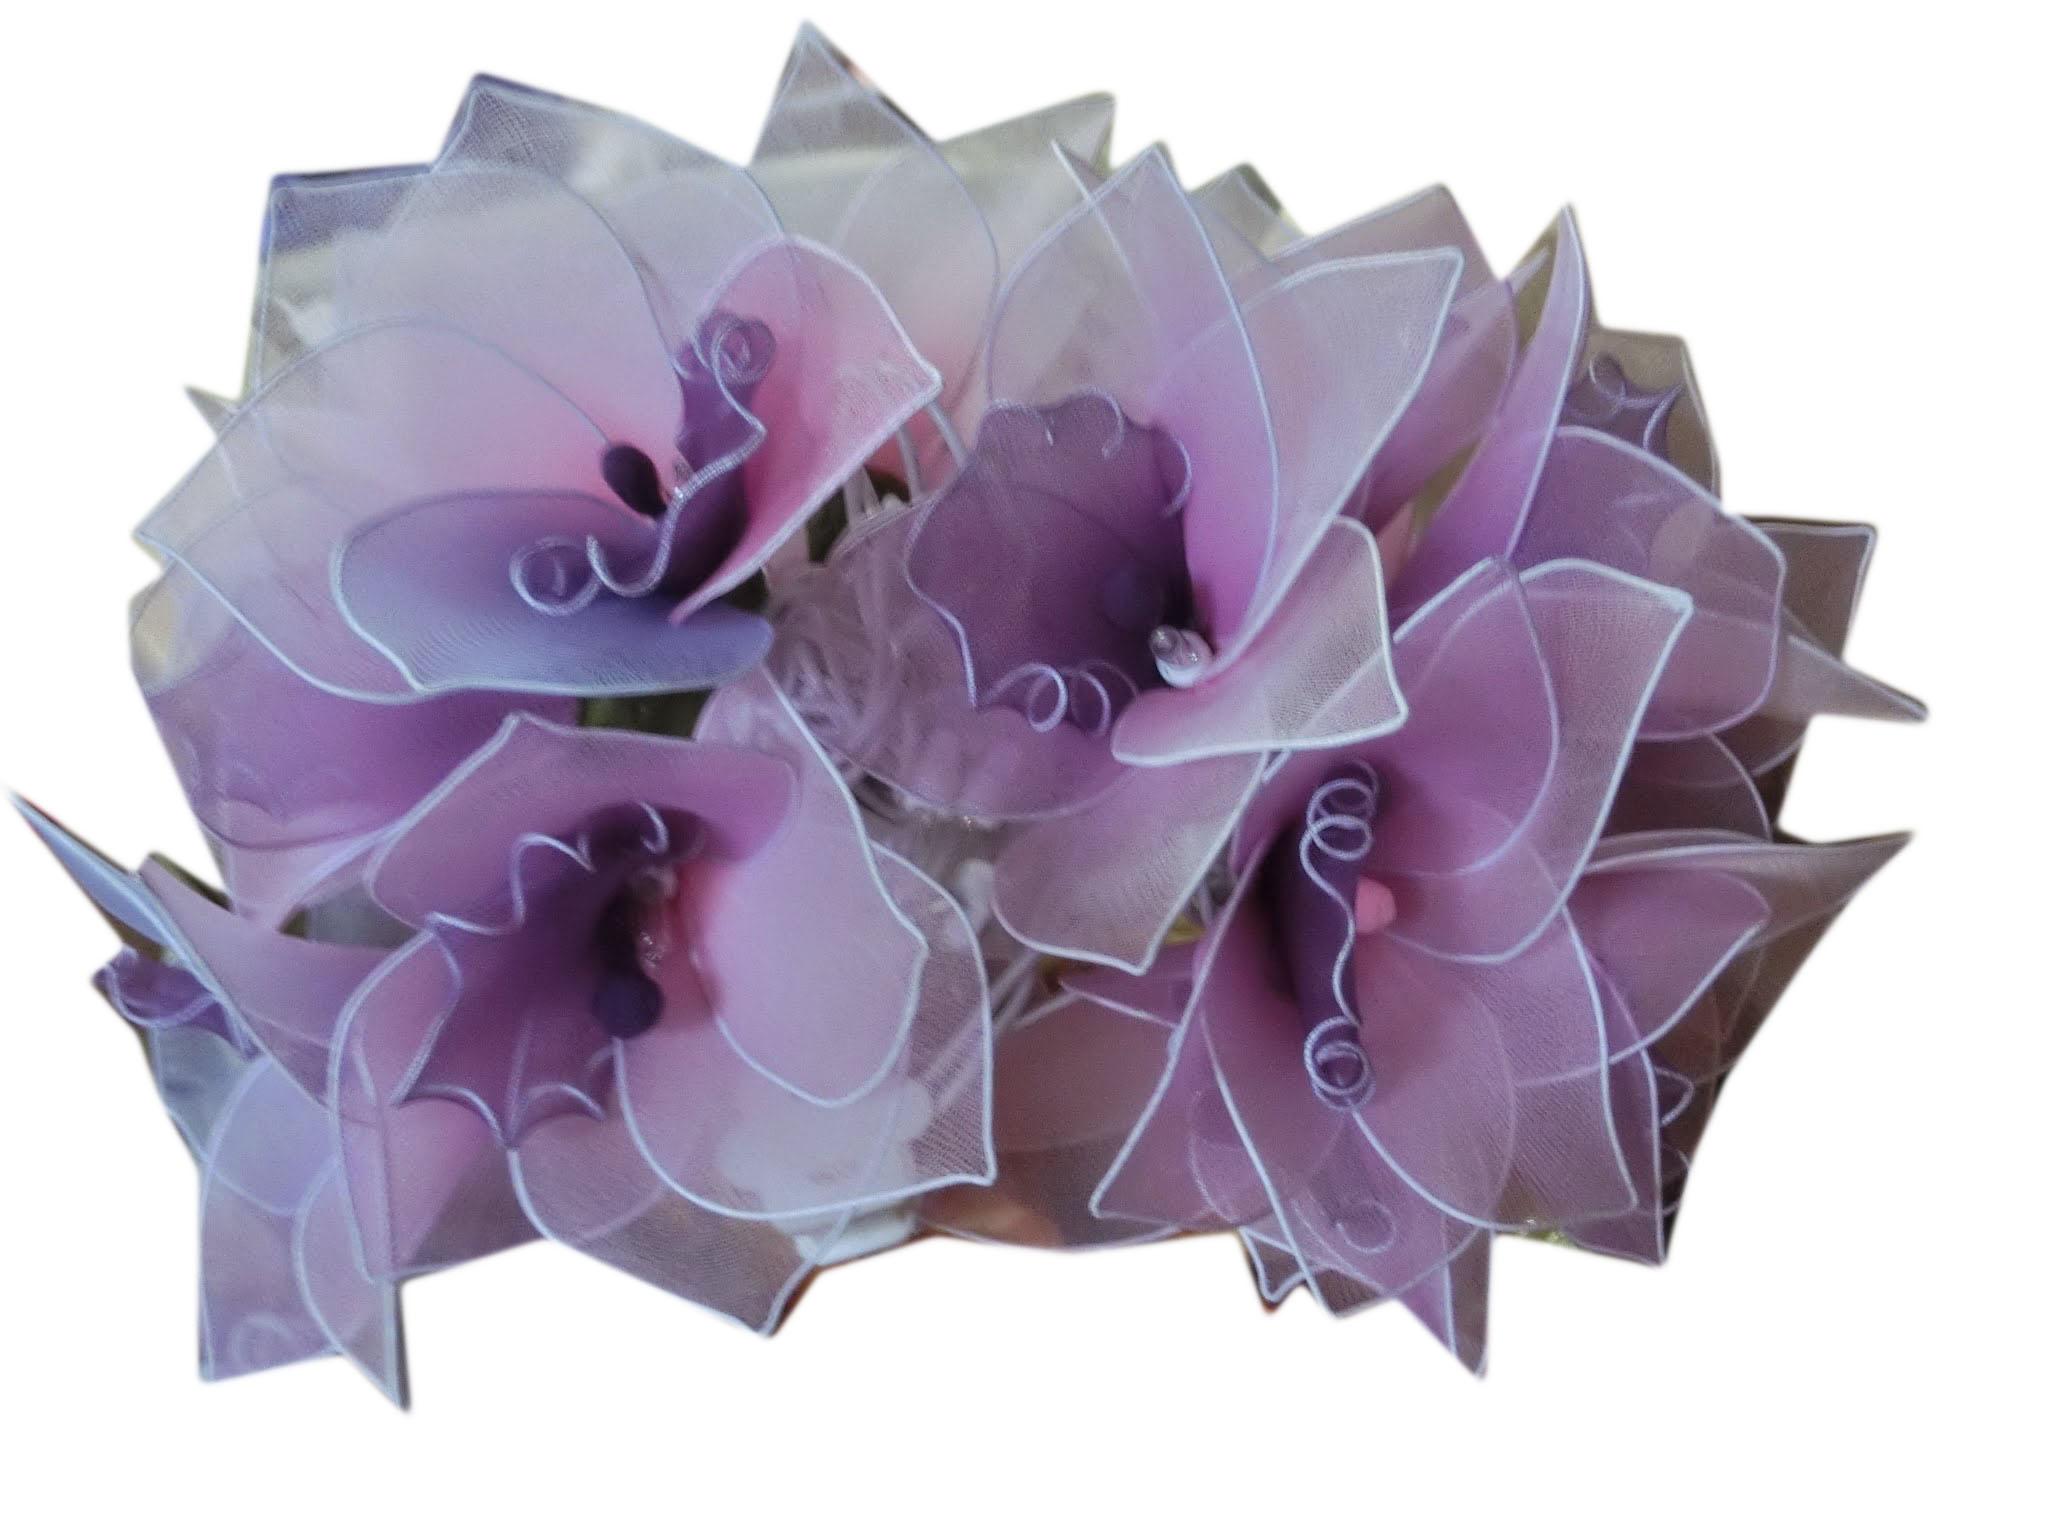 Nylon flower string lights-7